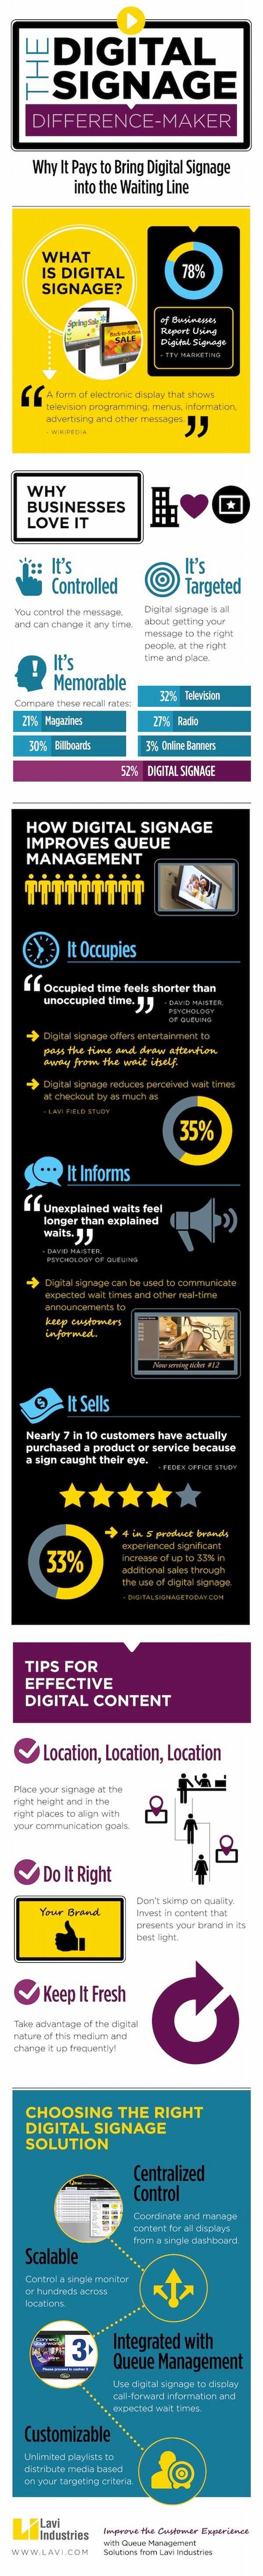 How #DigitalSignage improves queue management #Infographic